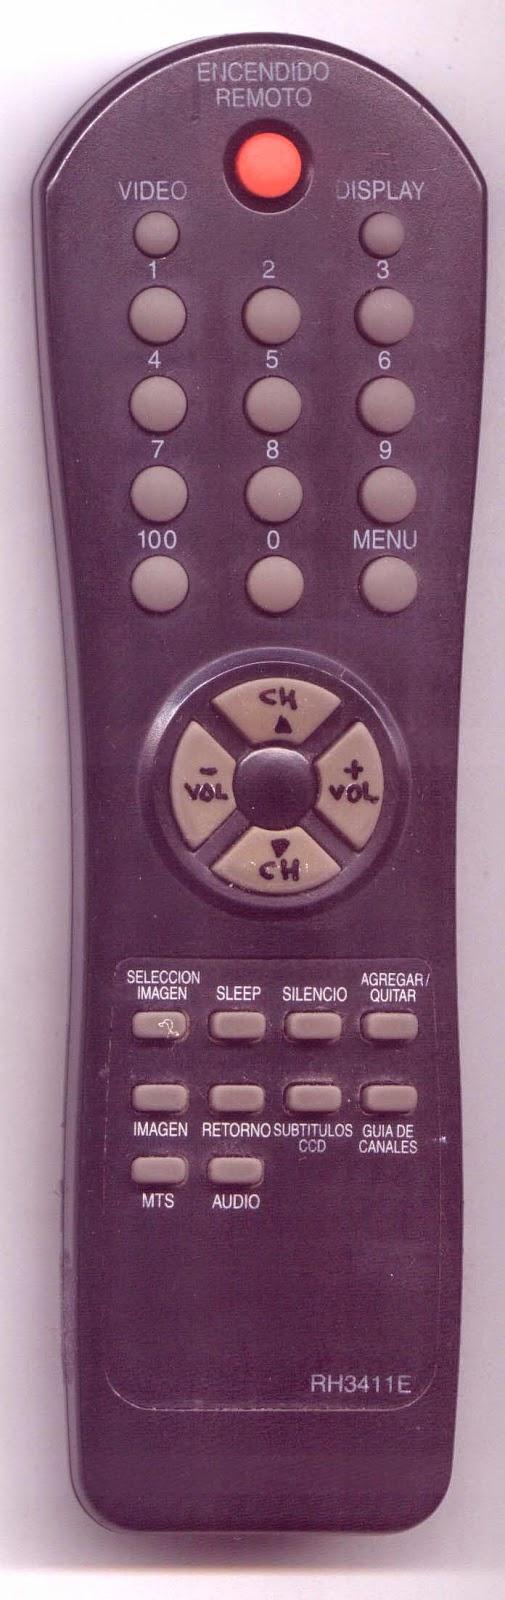 control remoto RH3411E